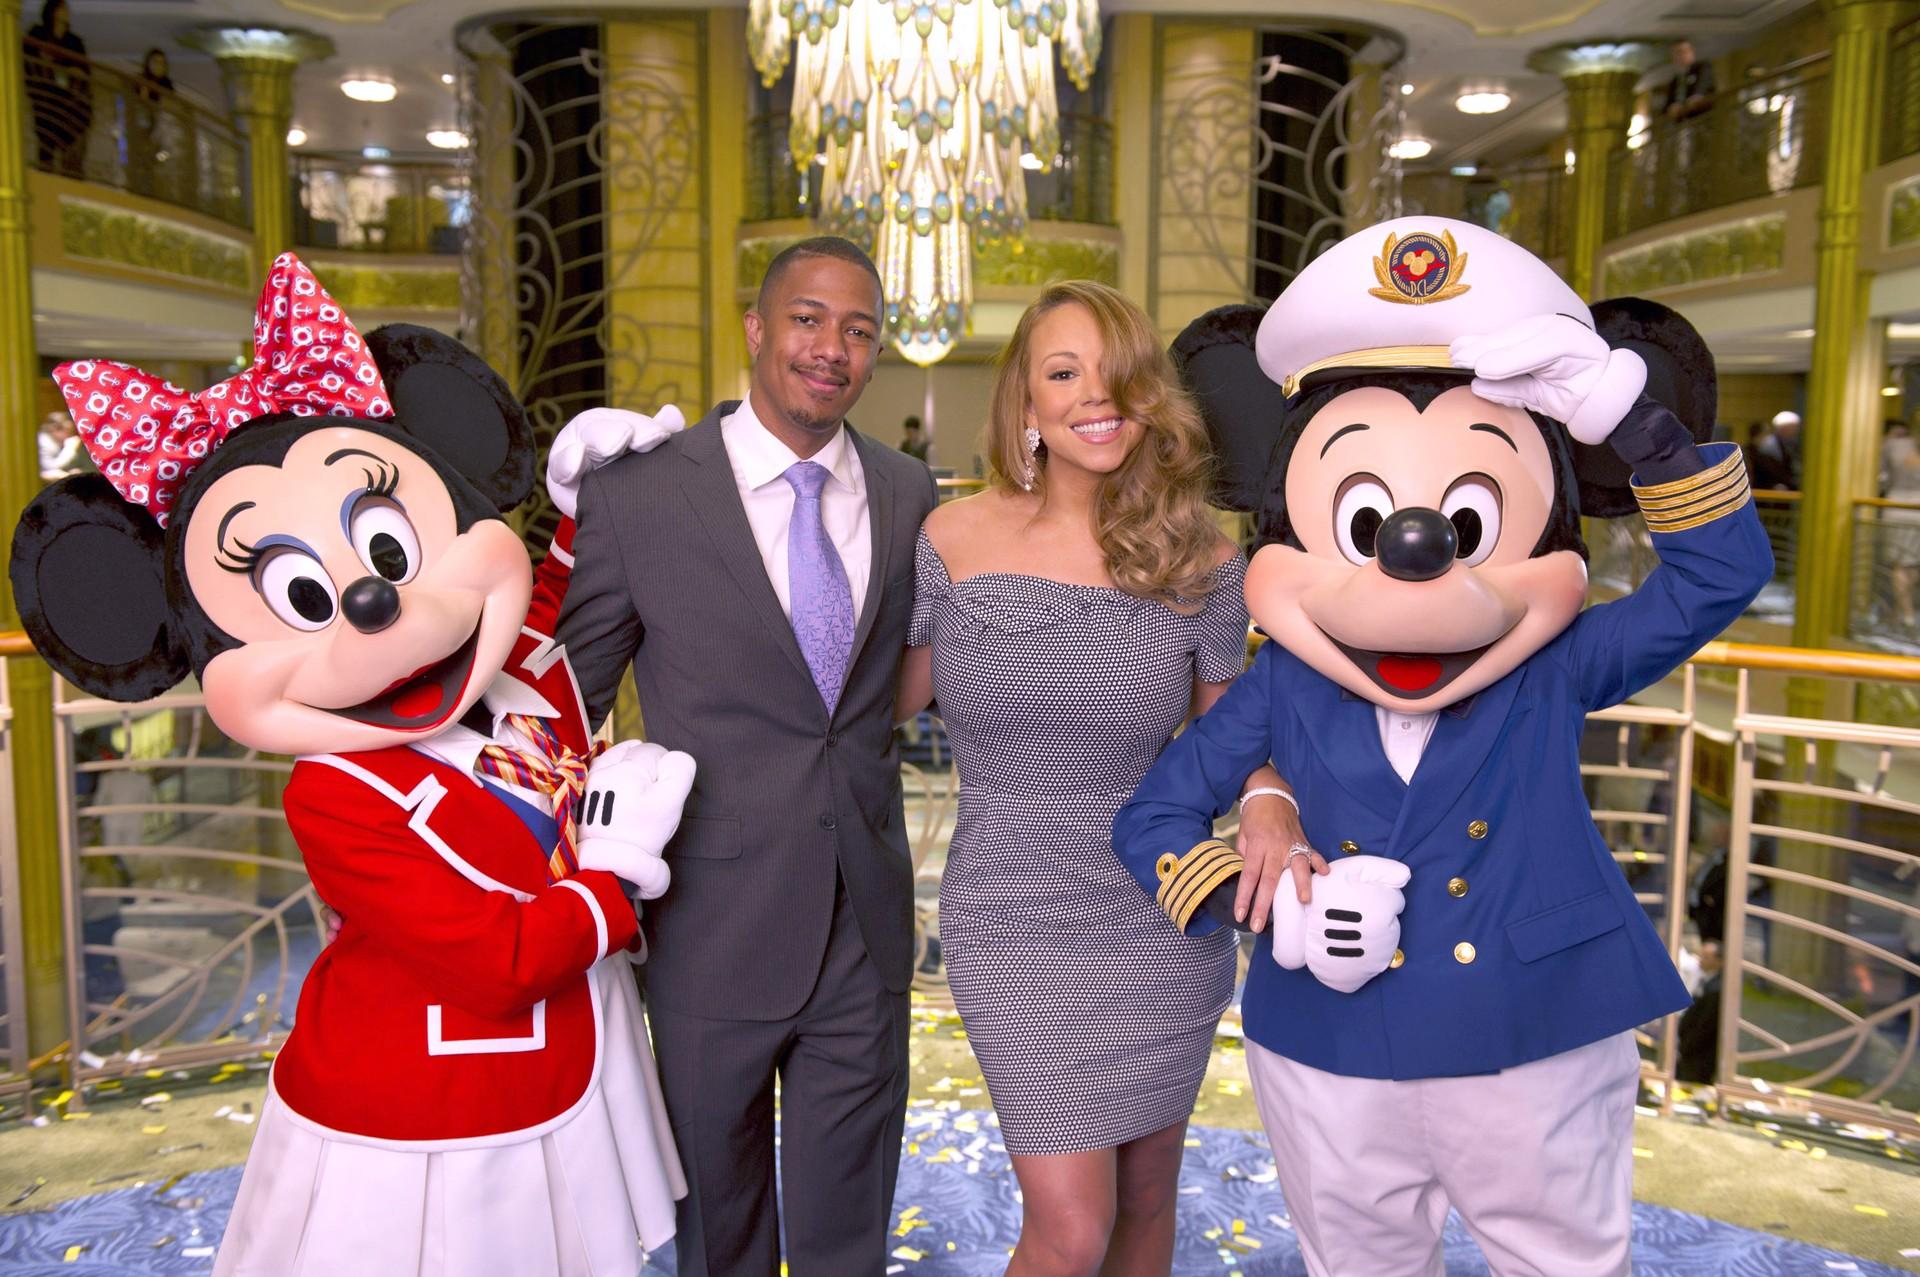 O casal selou compromisso em 2008. O 5º aniversário de casamento, eles comemoraram romanticamente na Disneyland, fechando o parque para uma cerimônia privada. (Foto: Getty Images)